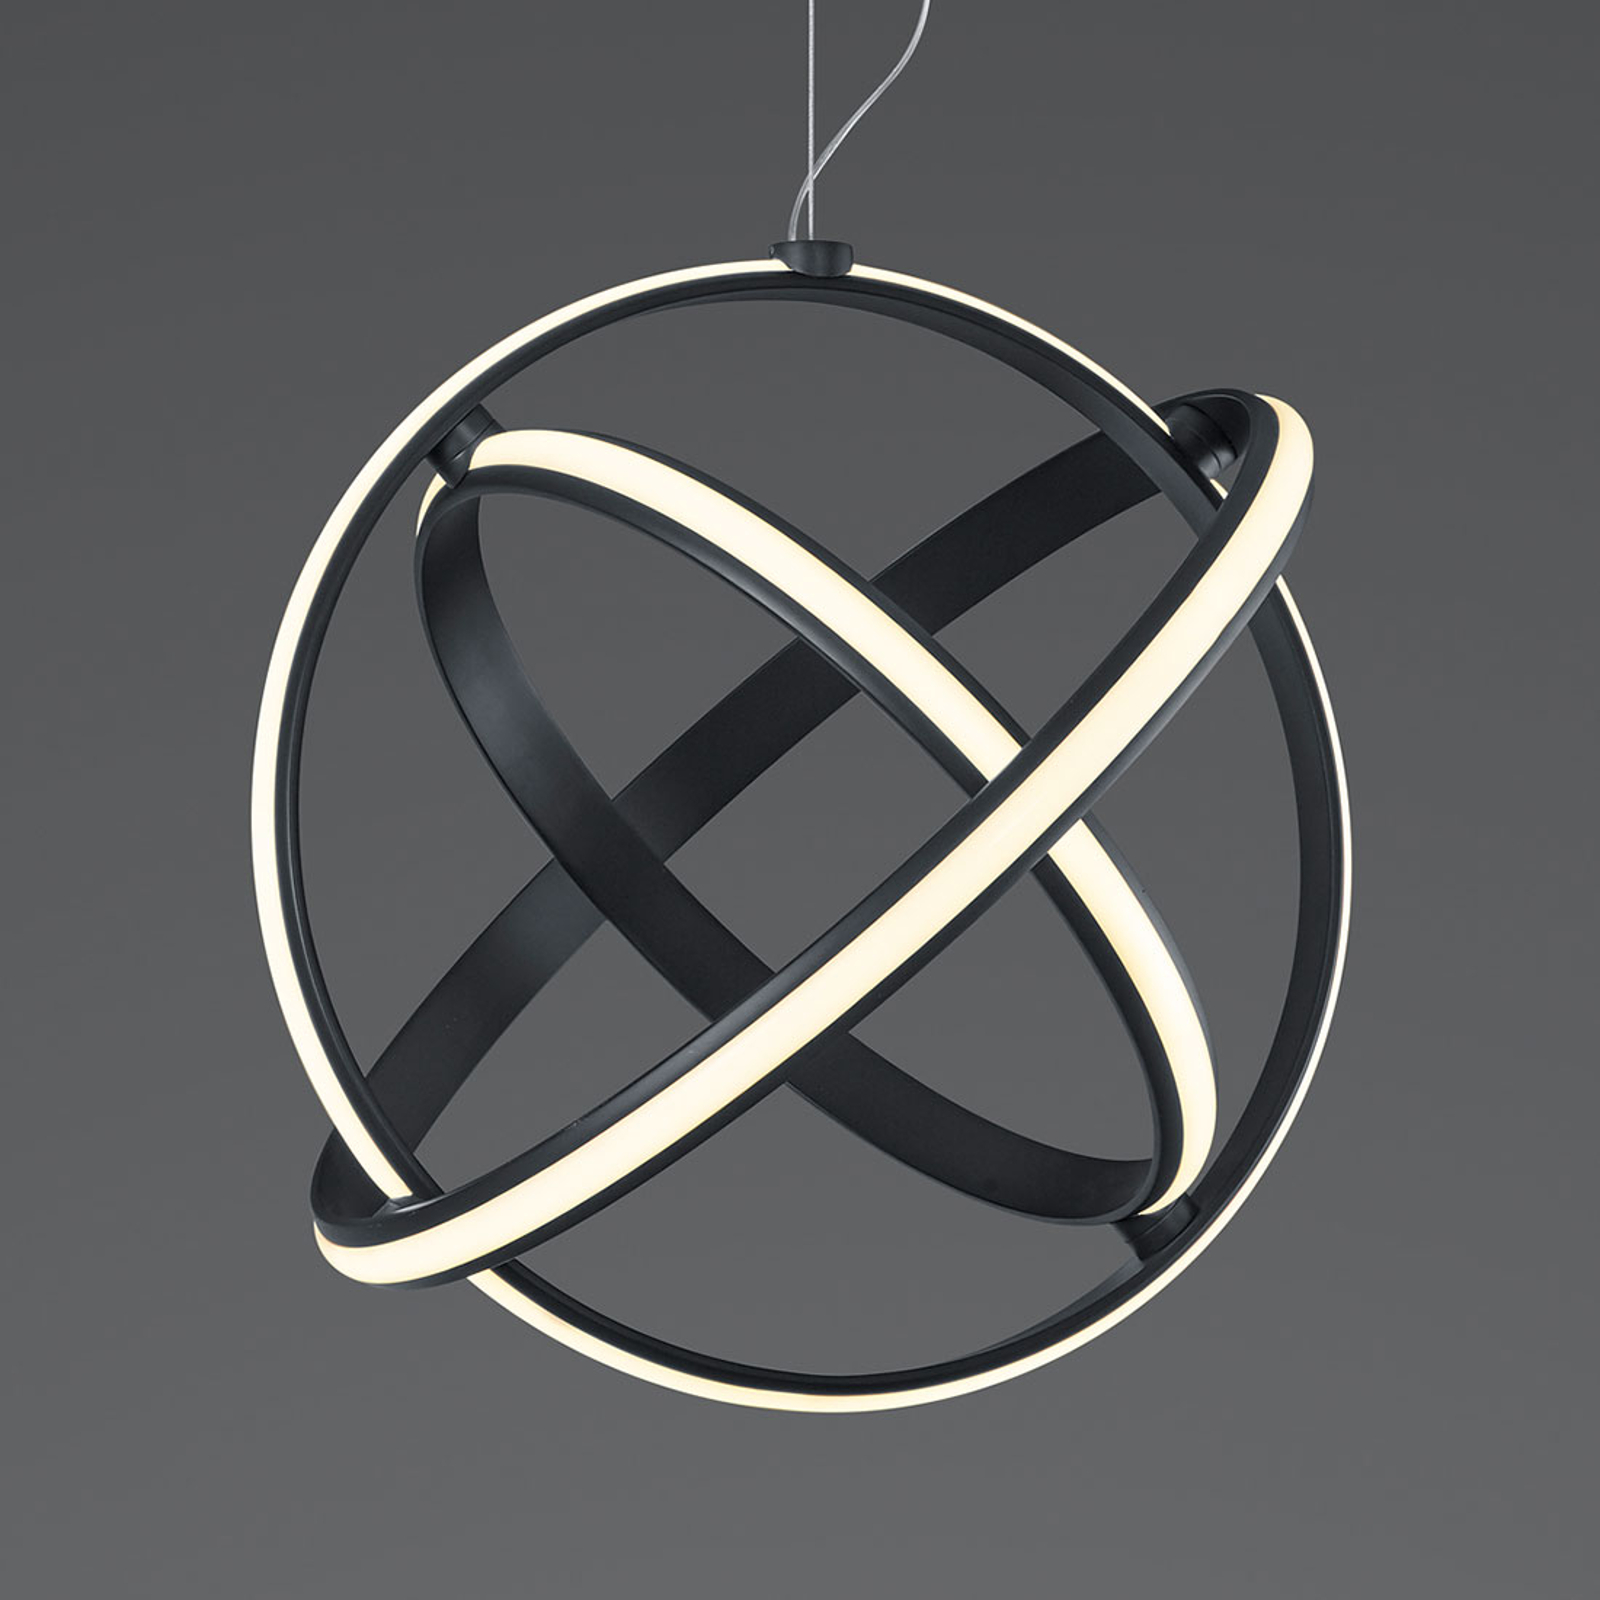 LED-Hängeleuchte Compton mit drei Lichtringen